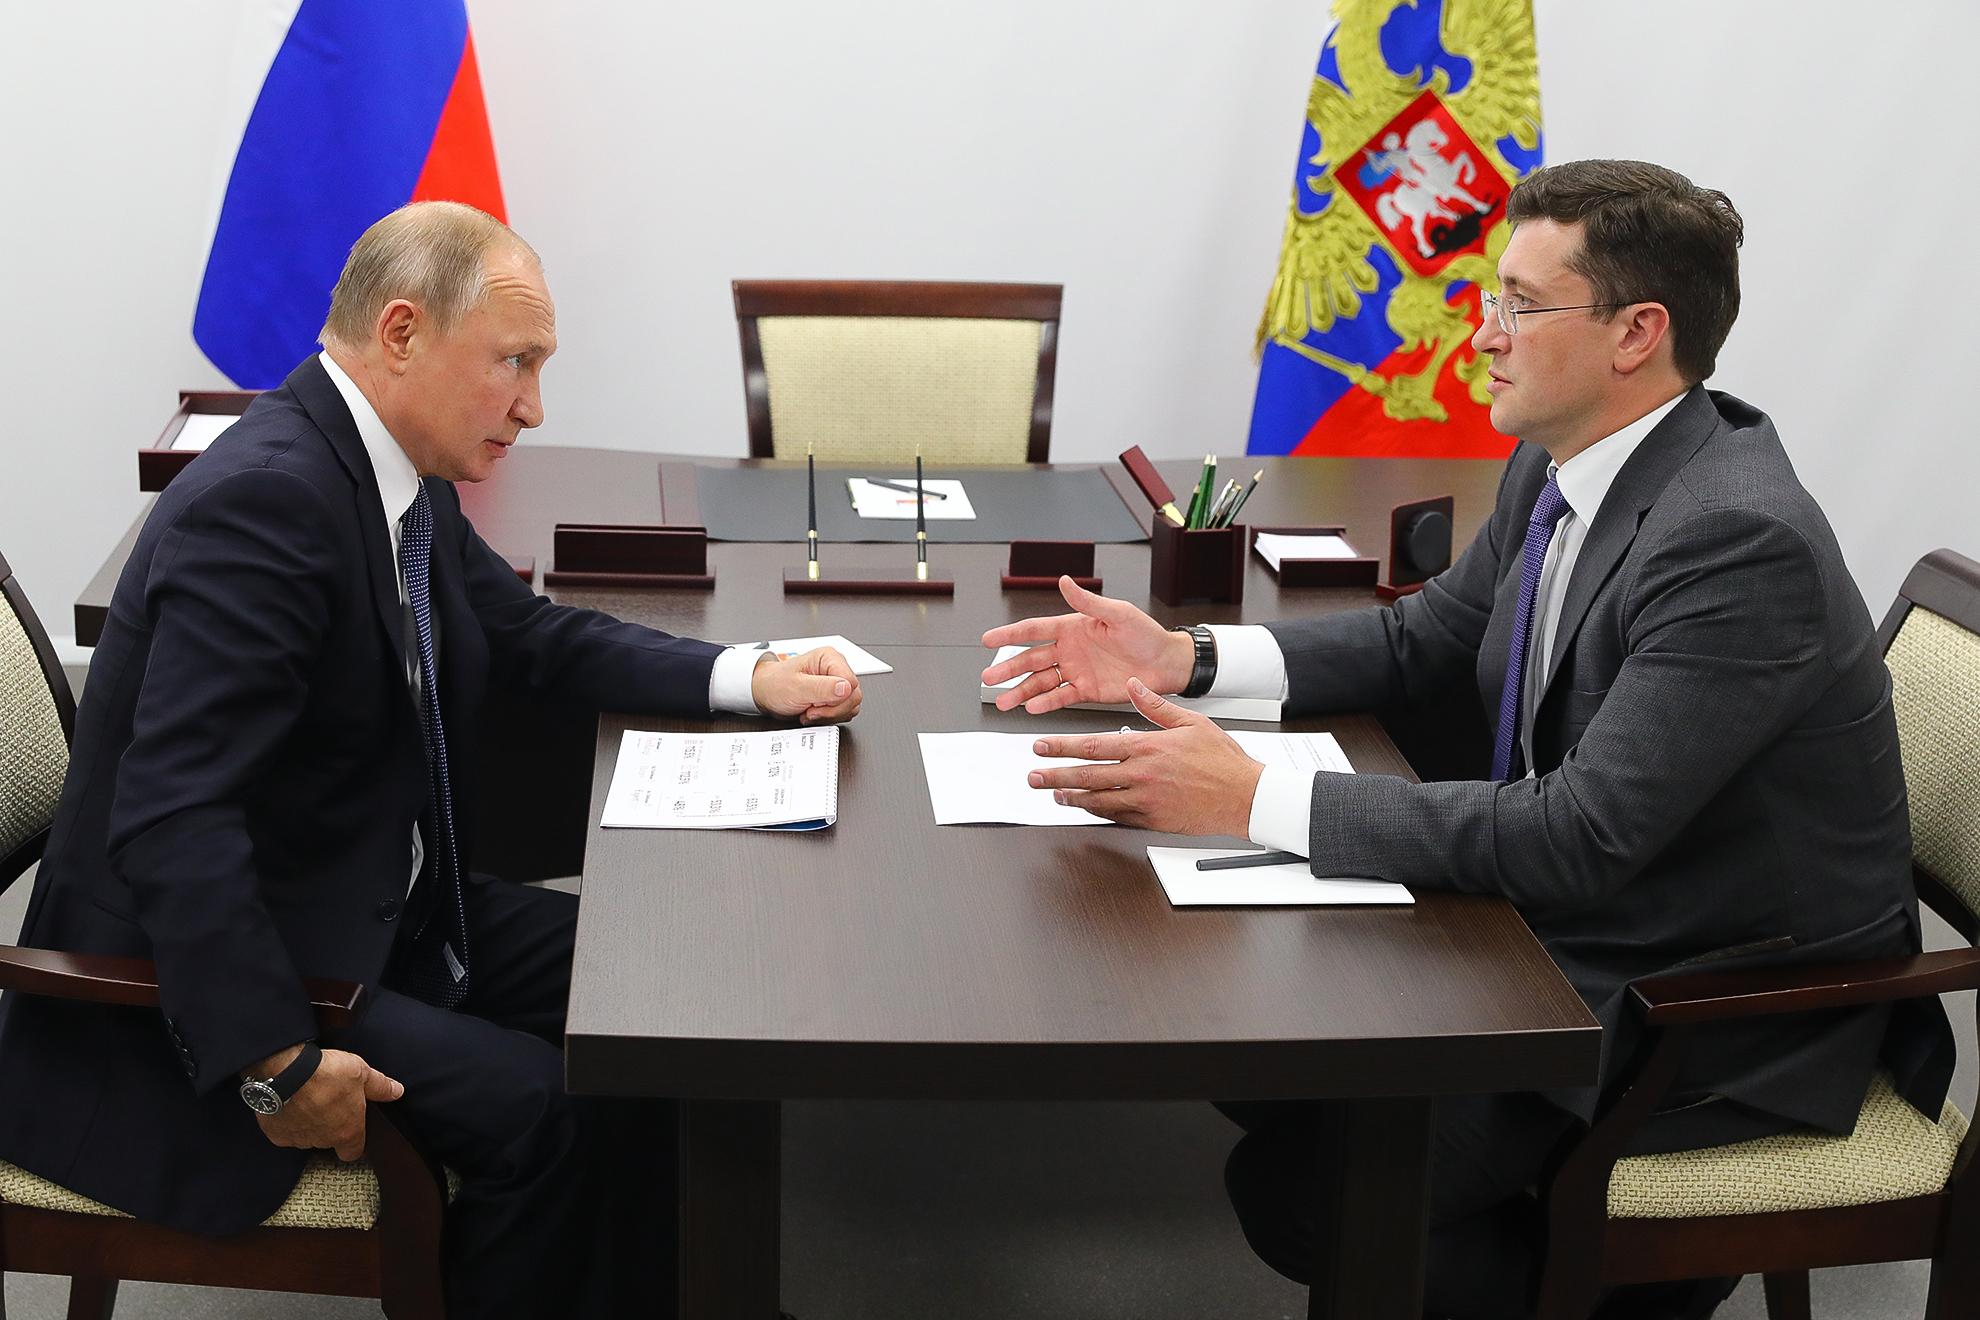 Проект межрегионального онкоцентра представлен Владимиру Путину в Нижнем Новгороде